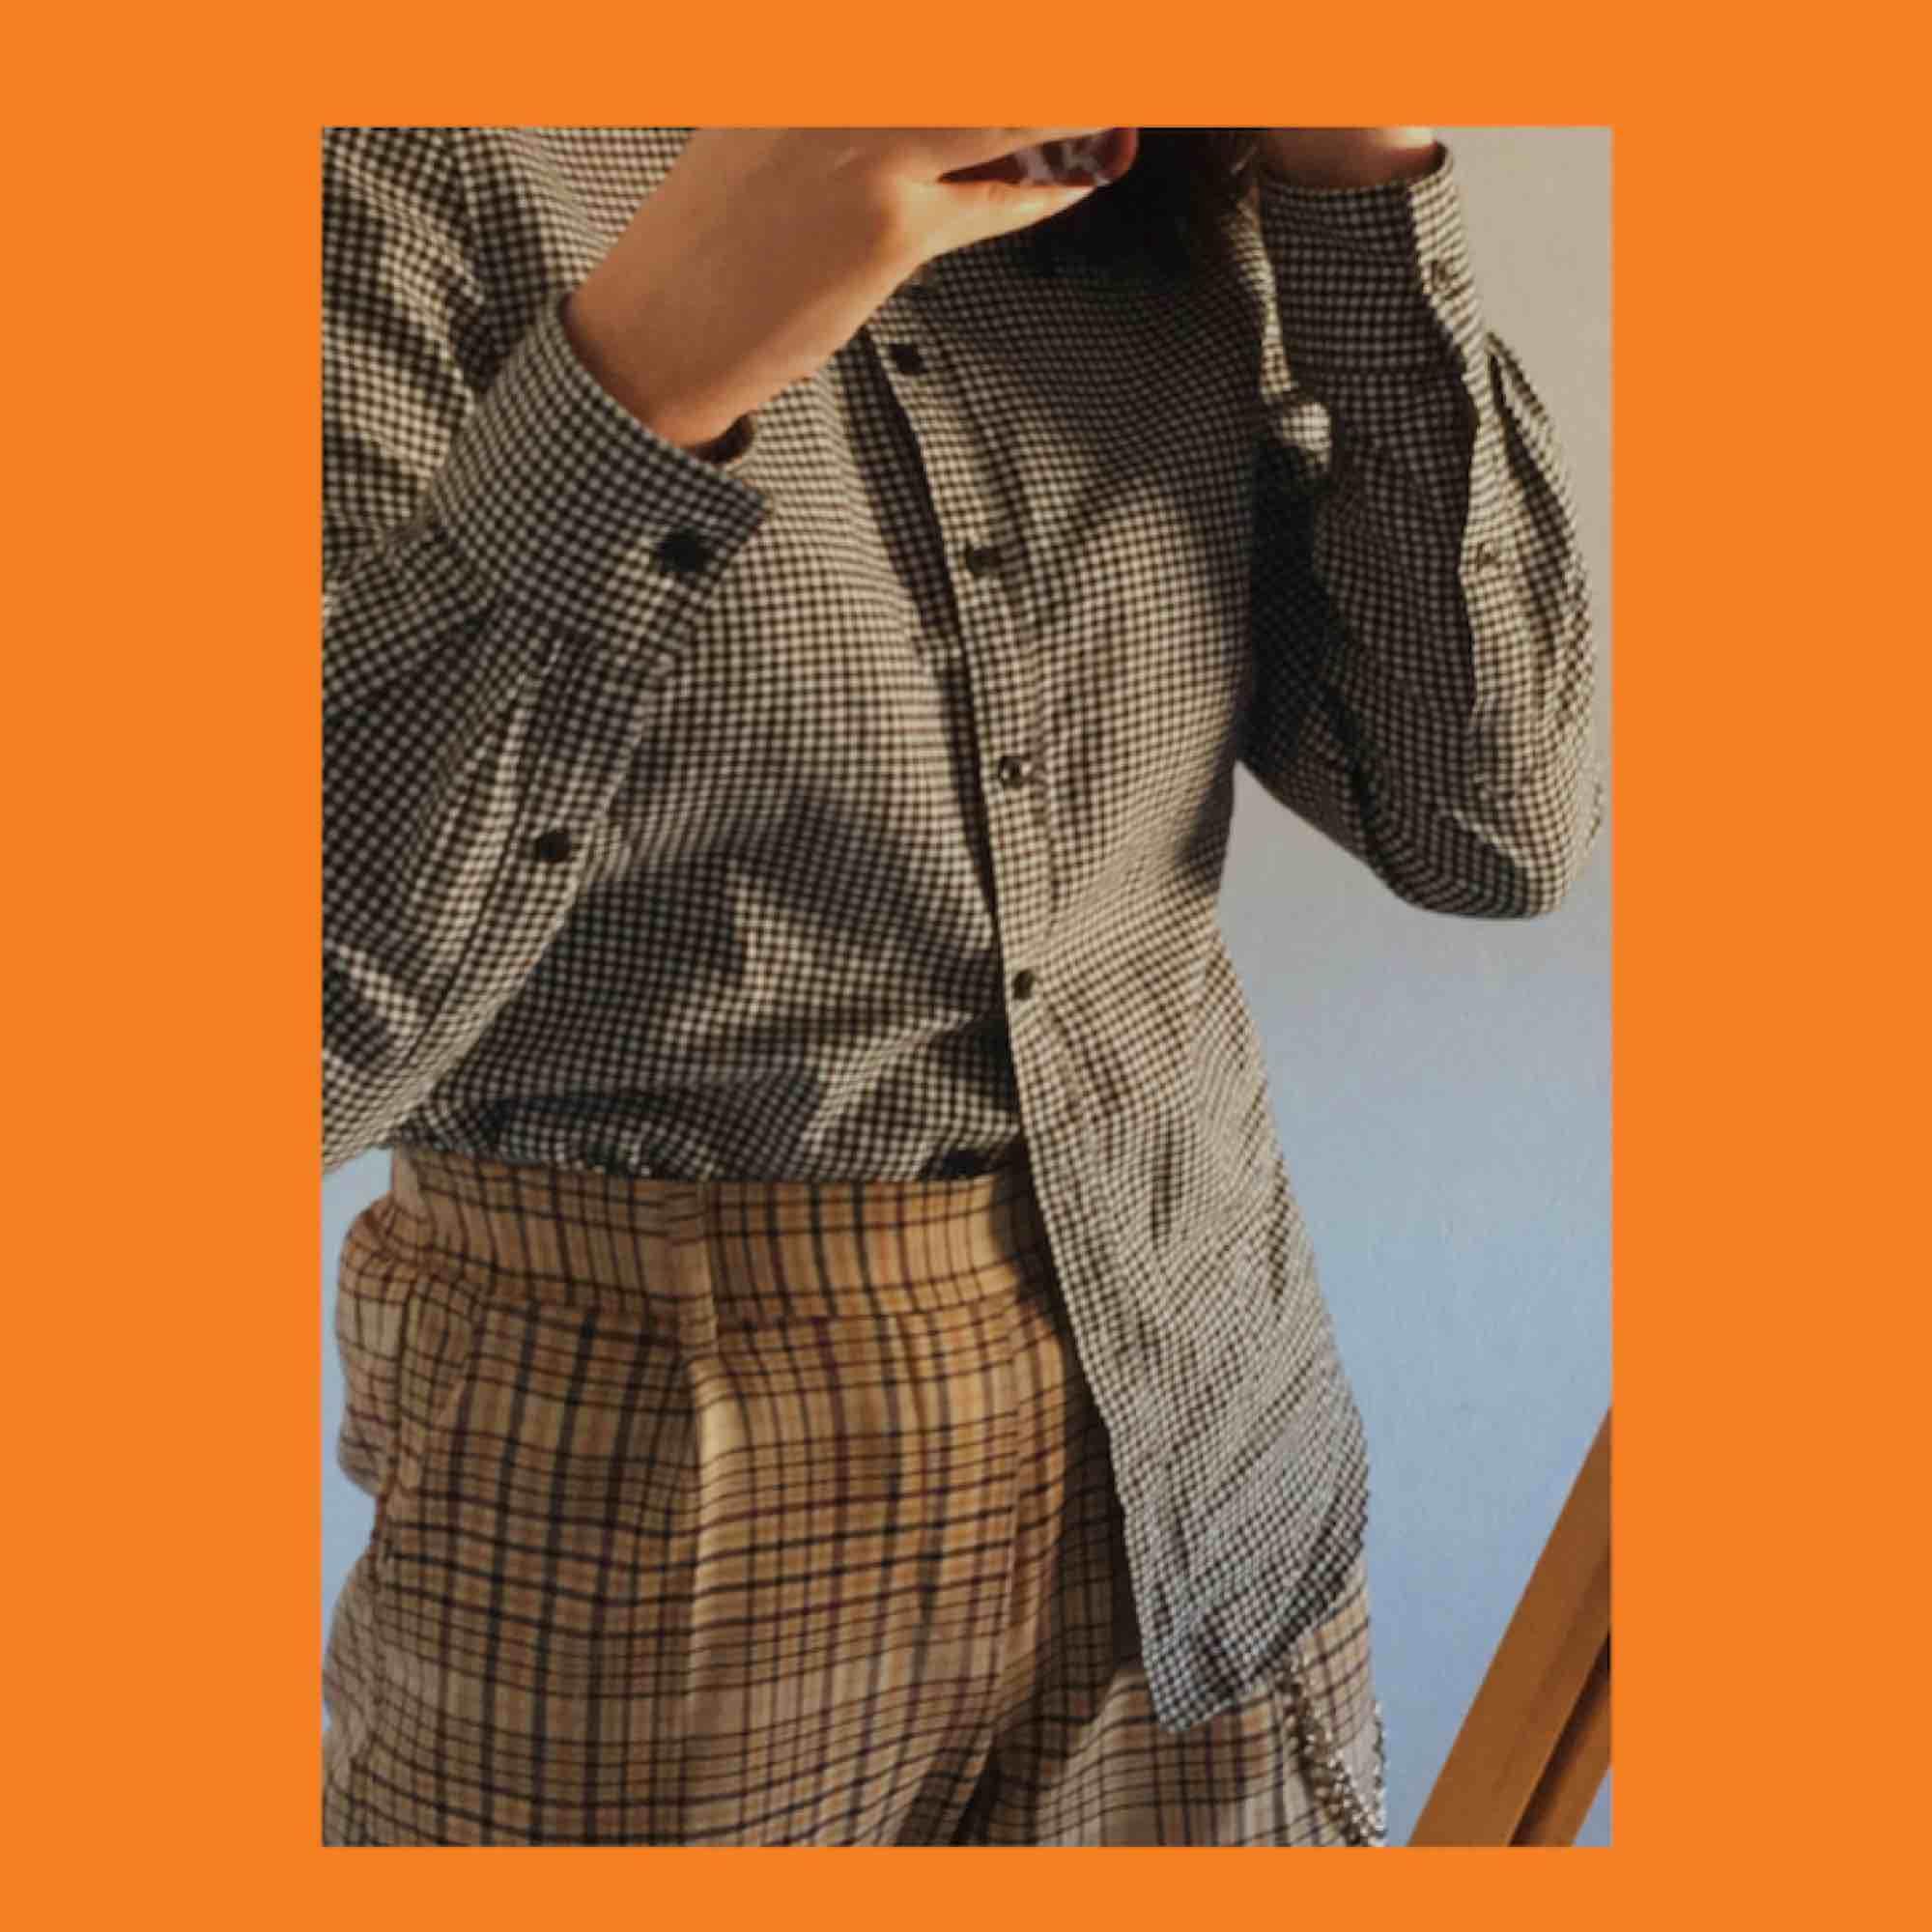 skitsnygg rutig skjorta men är inte riktigt min stil, har aldrig använt den :(. den passar till det mesta, speciellt for that picknick bitch aesthetic;) frakt är redan inräknat!. Skjortor.